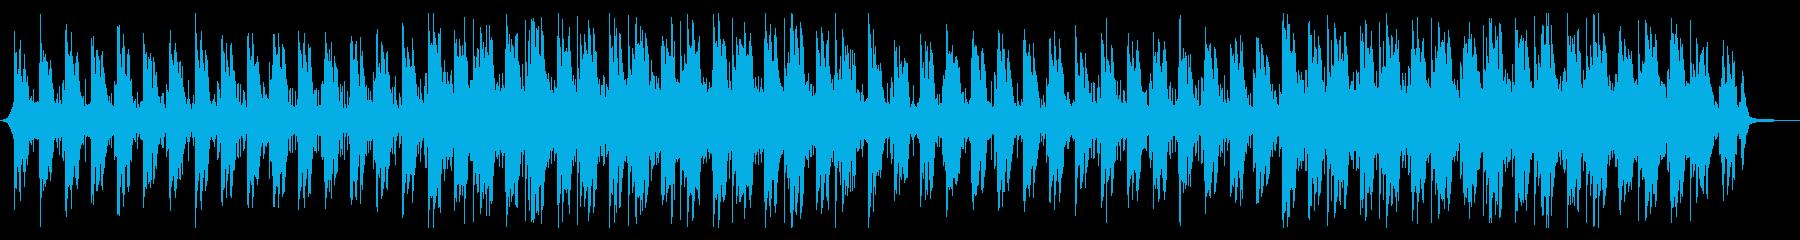 【メロディ抜き】躍動感やパワーを感じる爽の再生済みの波形